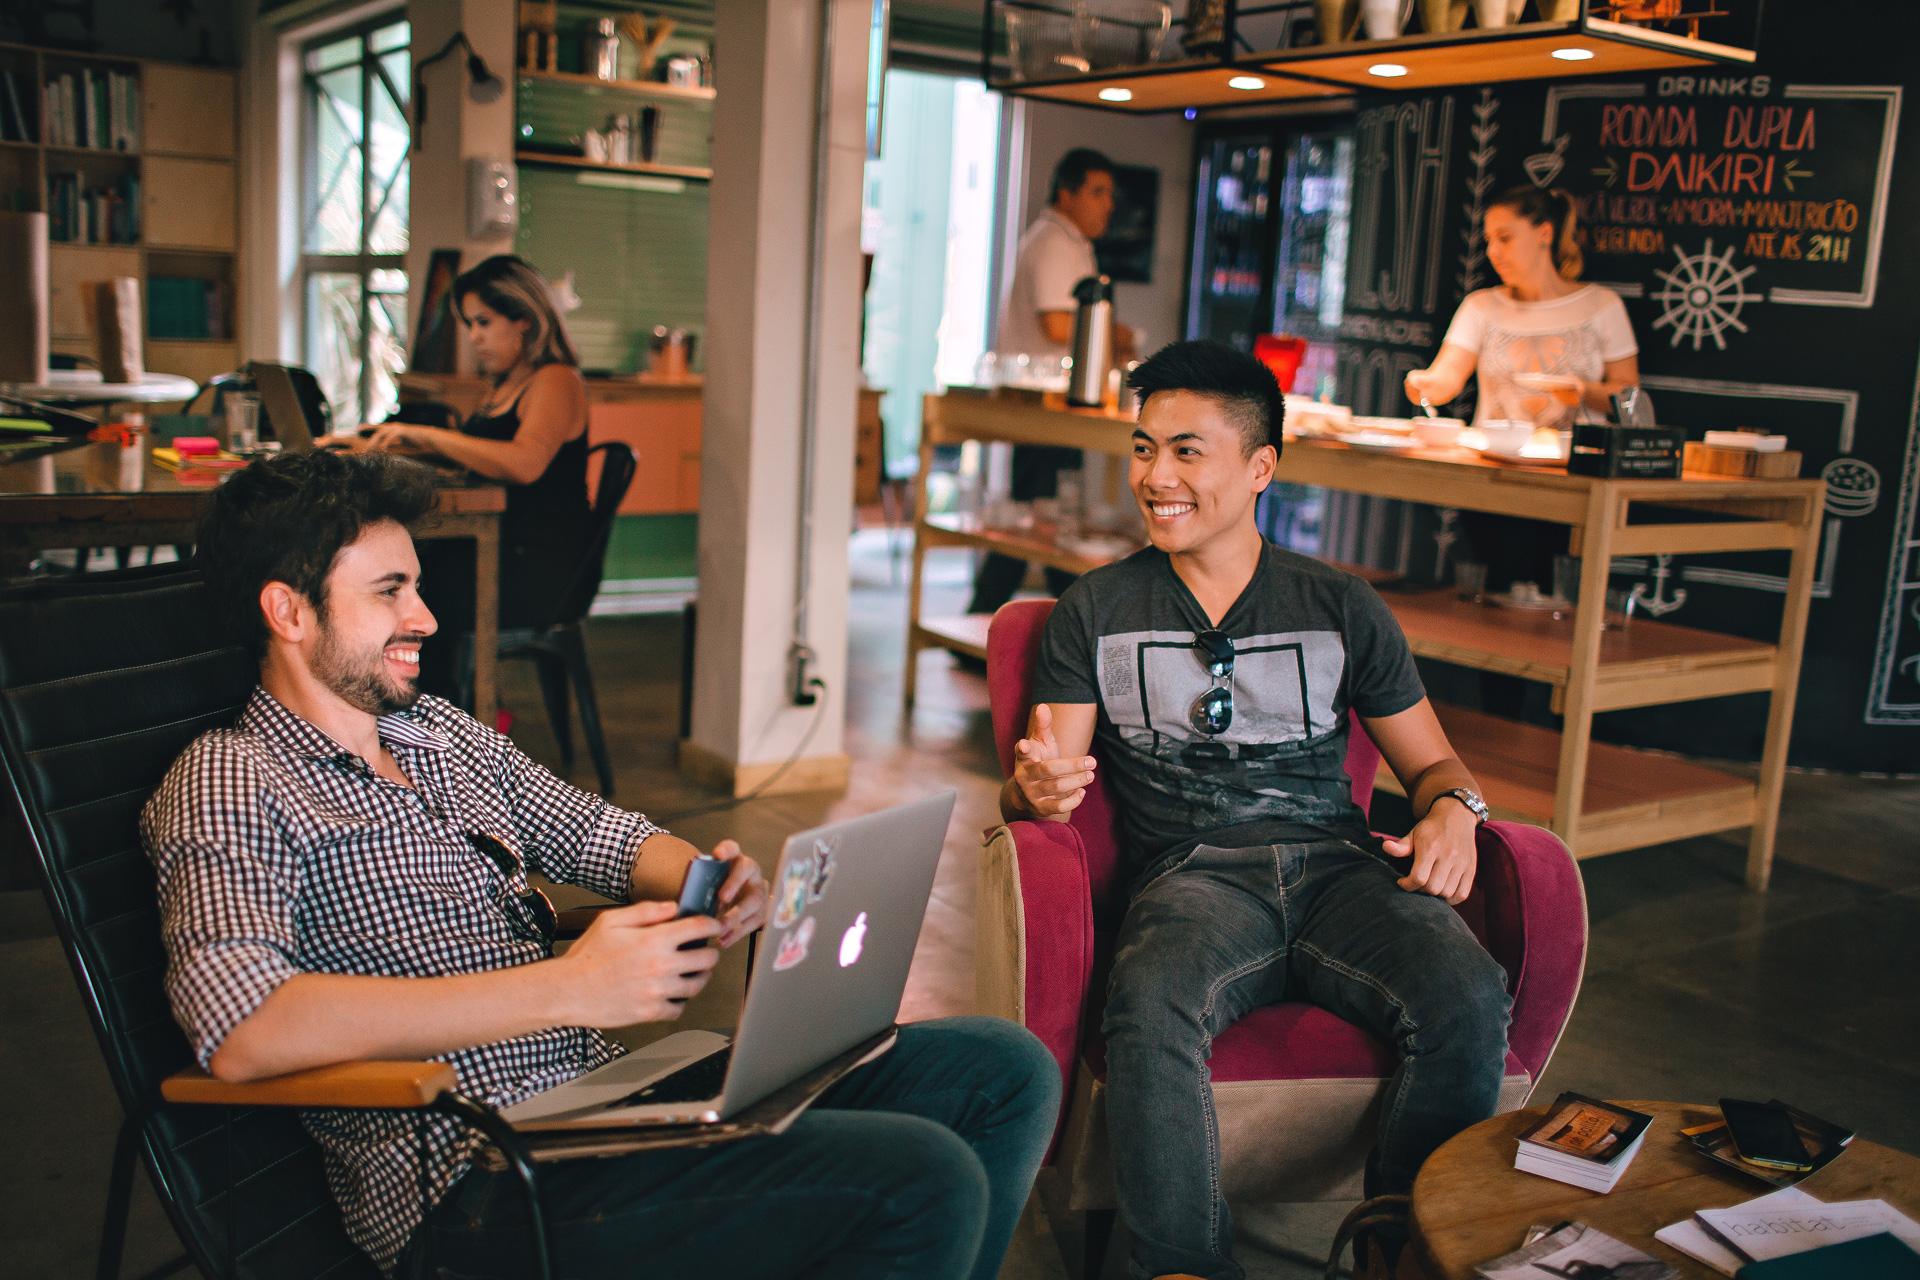 Hommes discutant dans un hostel